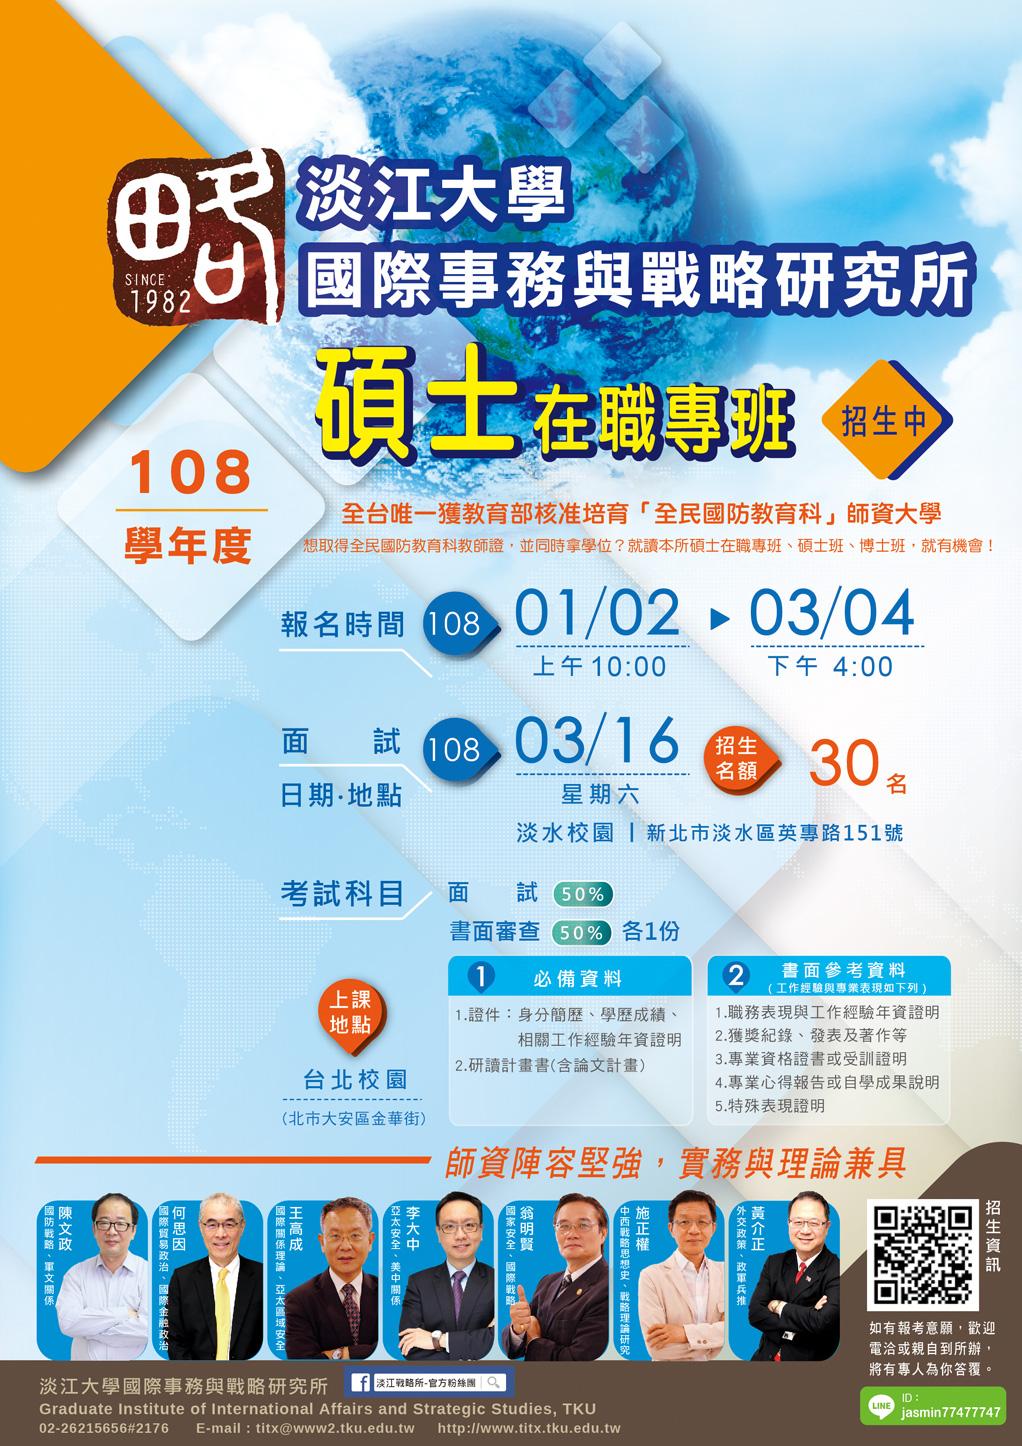 活動海報:淡江大學國際事務與戰略研究所 碩士在職專班招生中